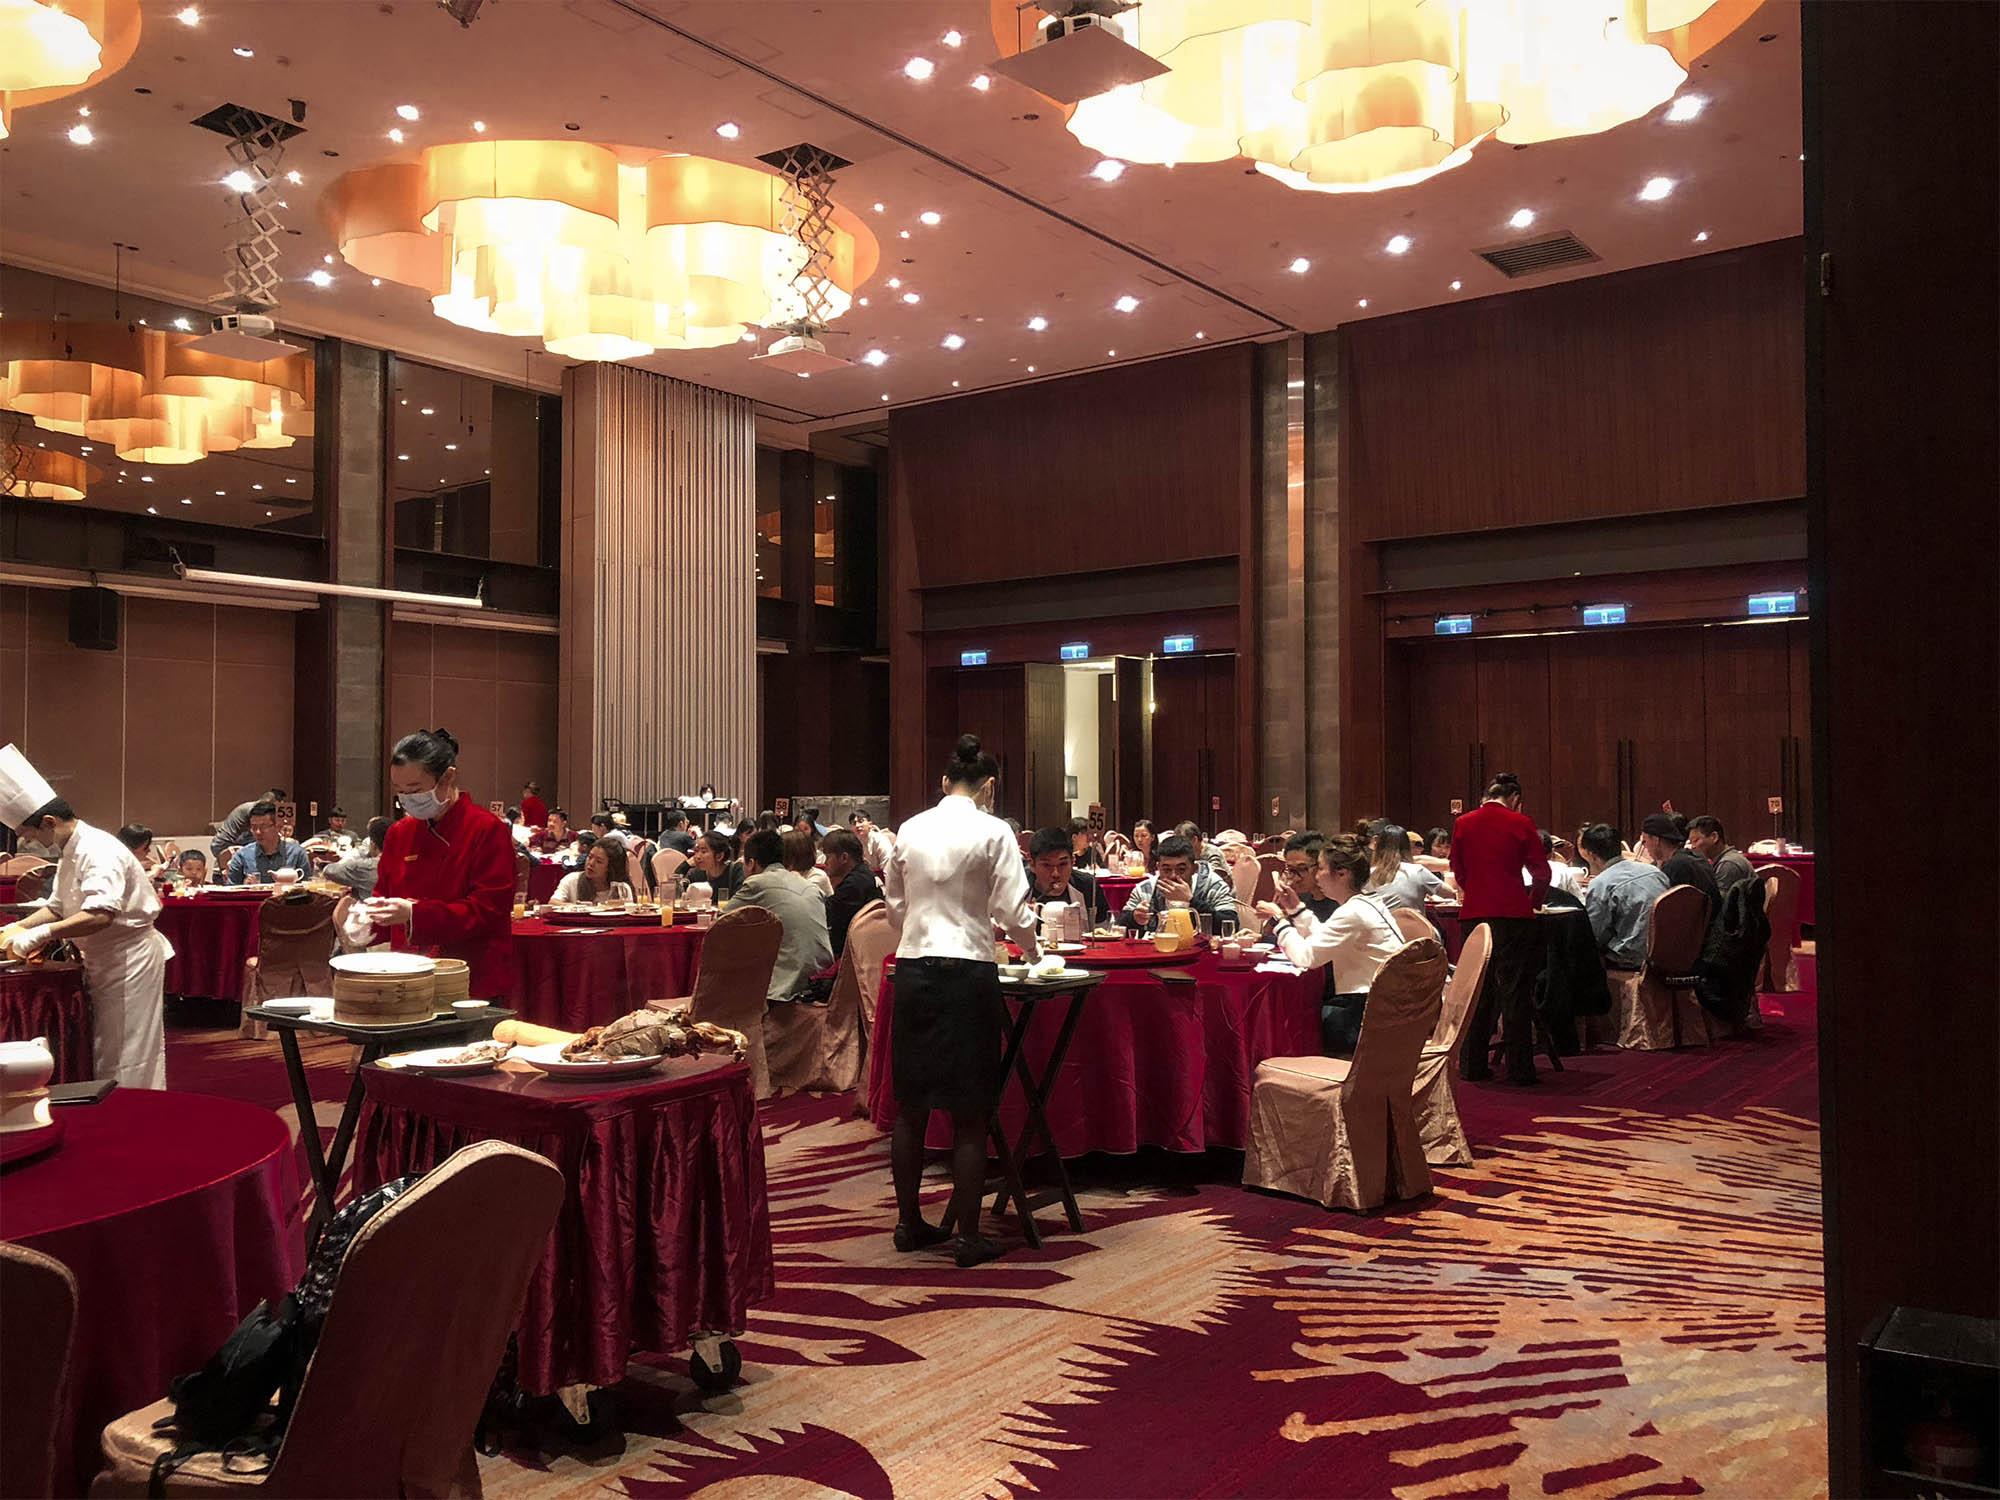 蘭城晶英_紅樓中餐廳內